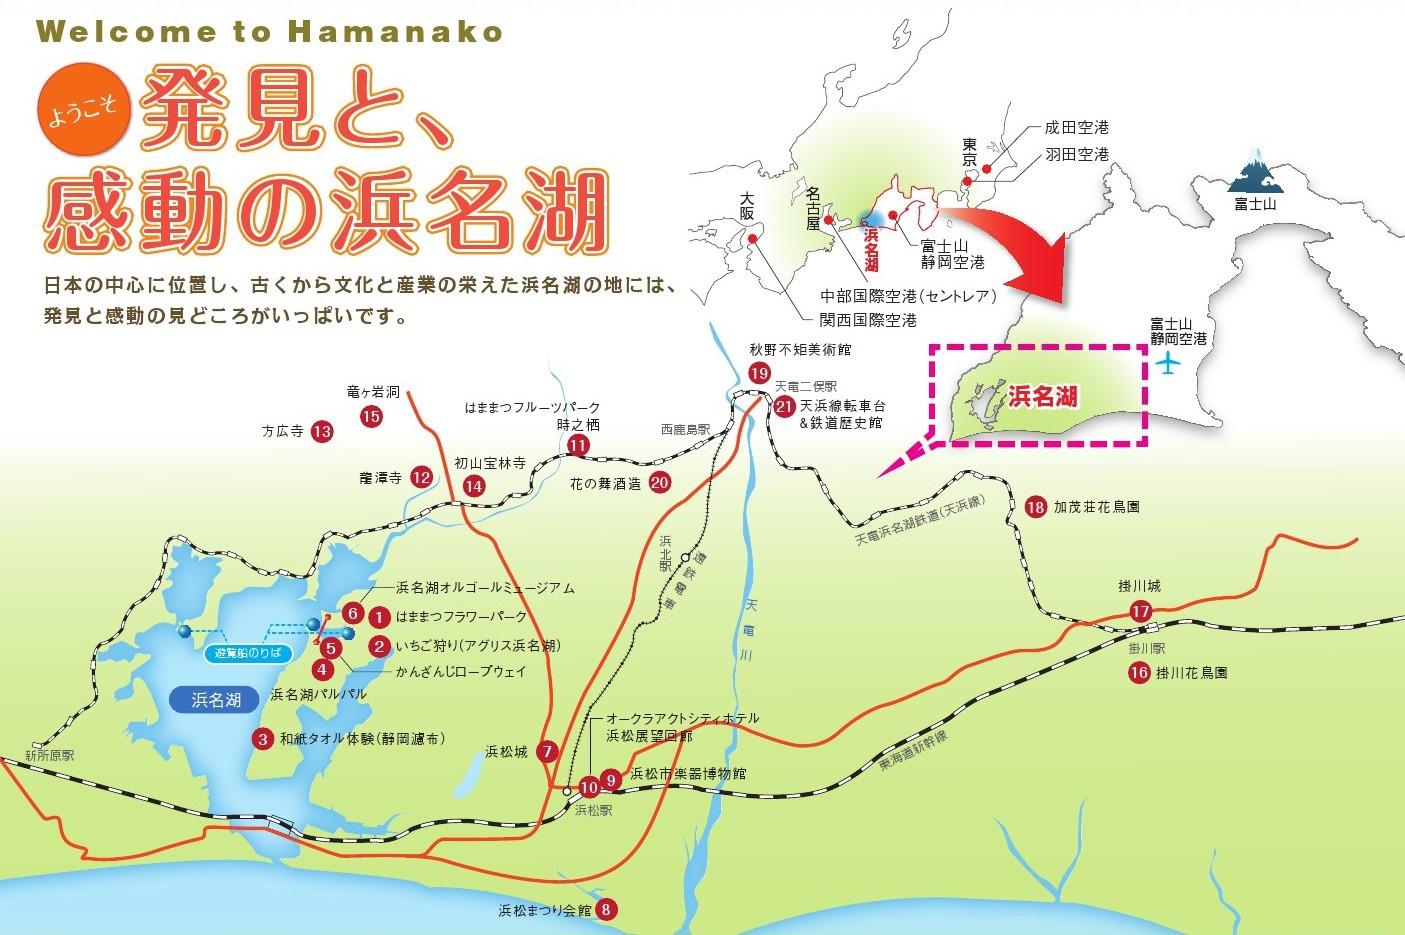 hamanakorailpass_p-3